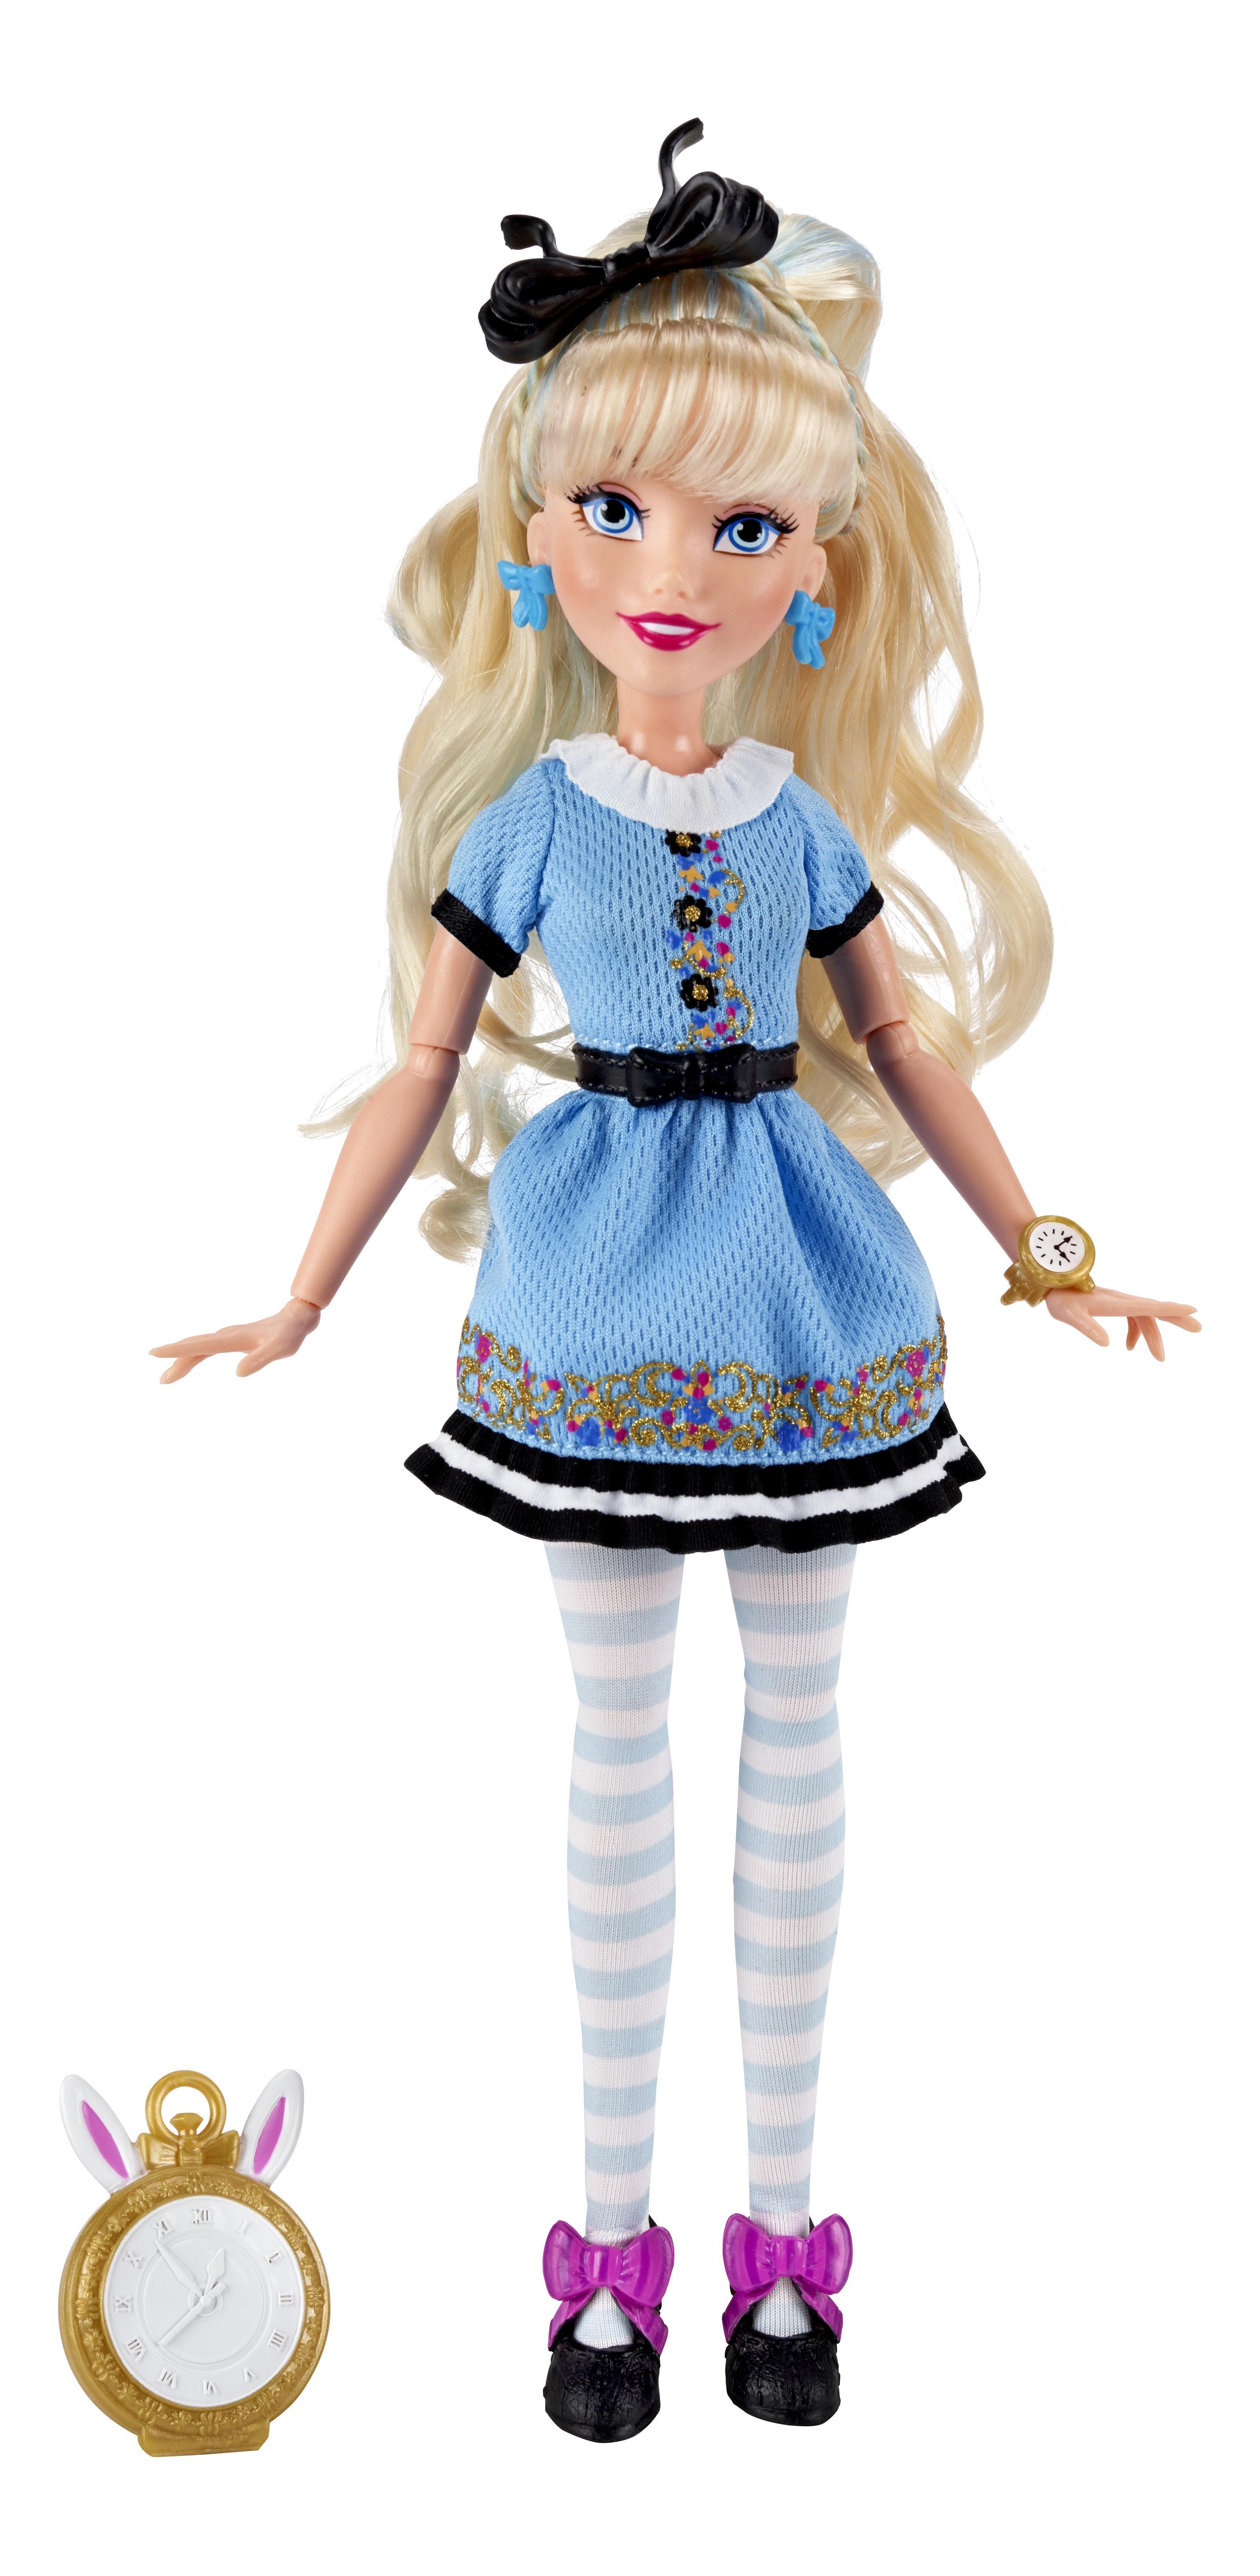 Купить Светлые герои Disney Descendants в оригинальных костюмах b3116 b5852, Disney Princess, Классические куклы